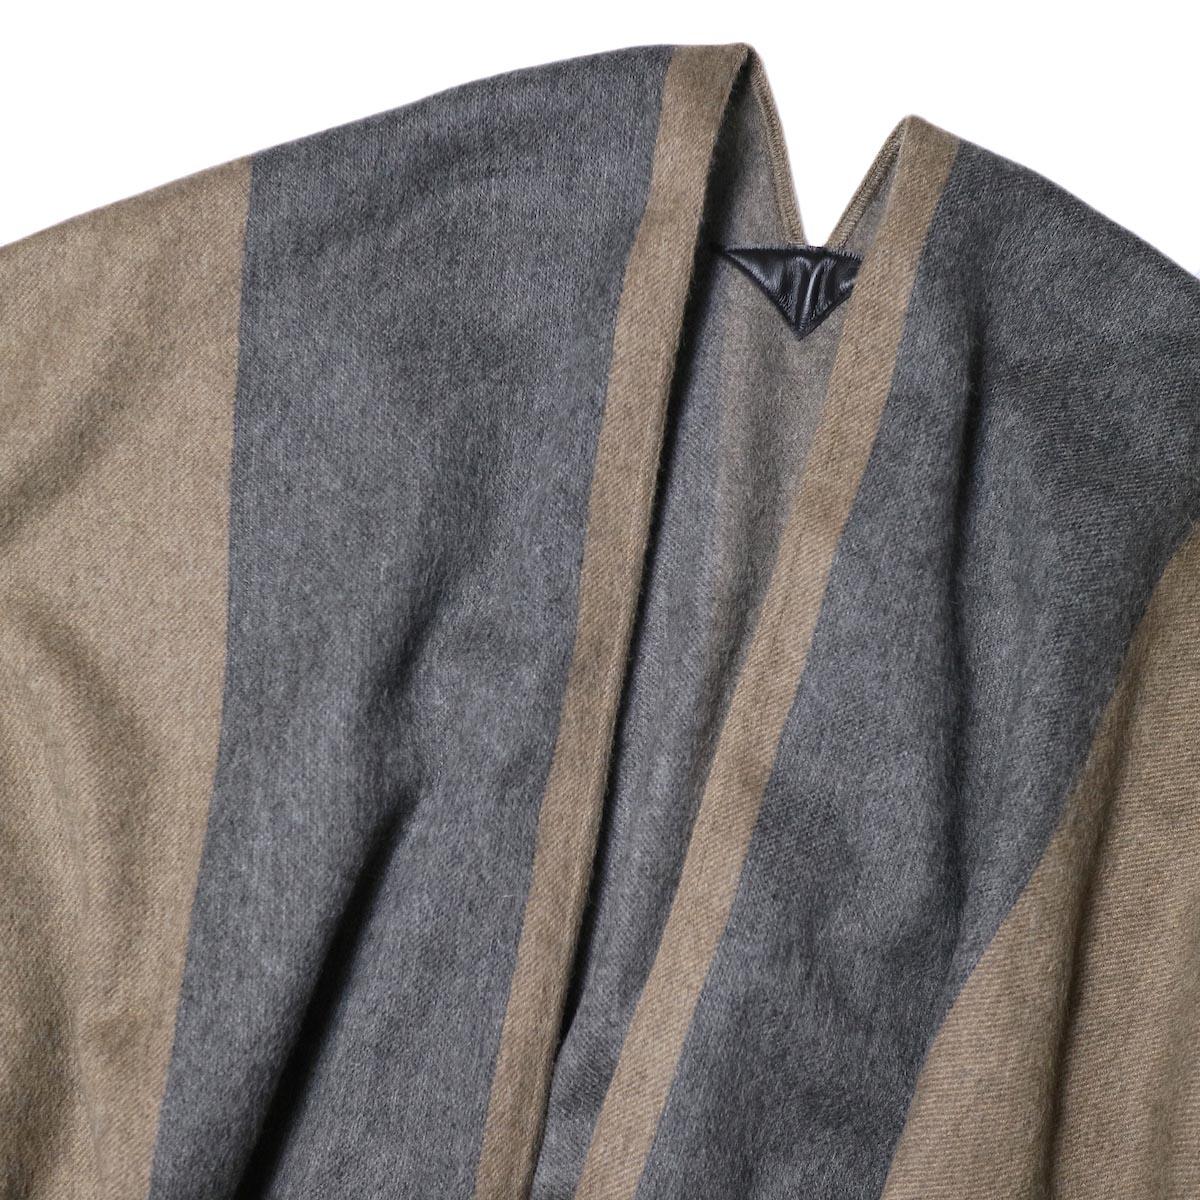 YLEVE / The Inoue Brothers Double Face Brushed Poncho (khaki beige) 襟